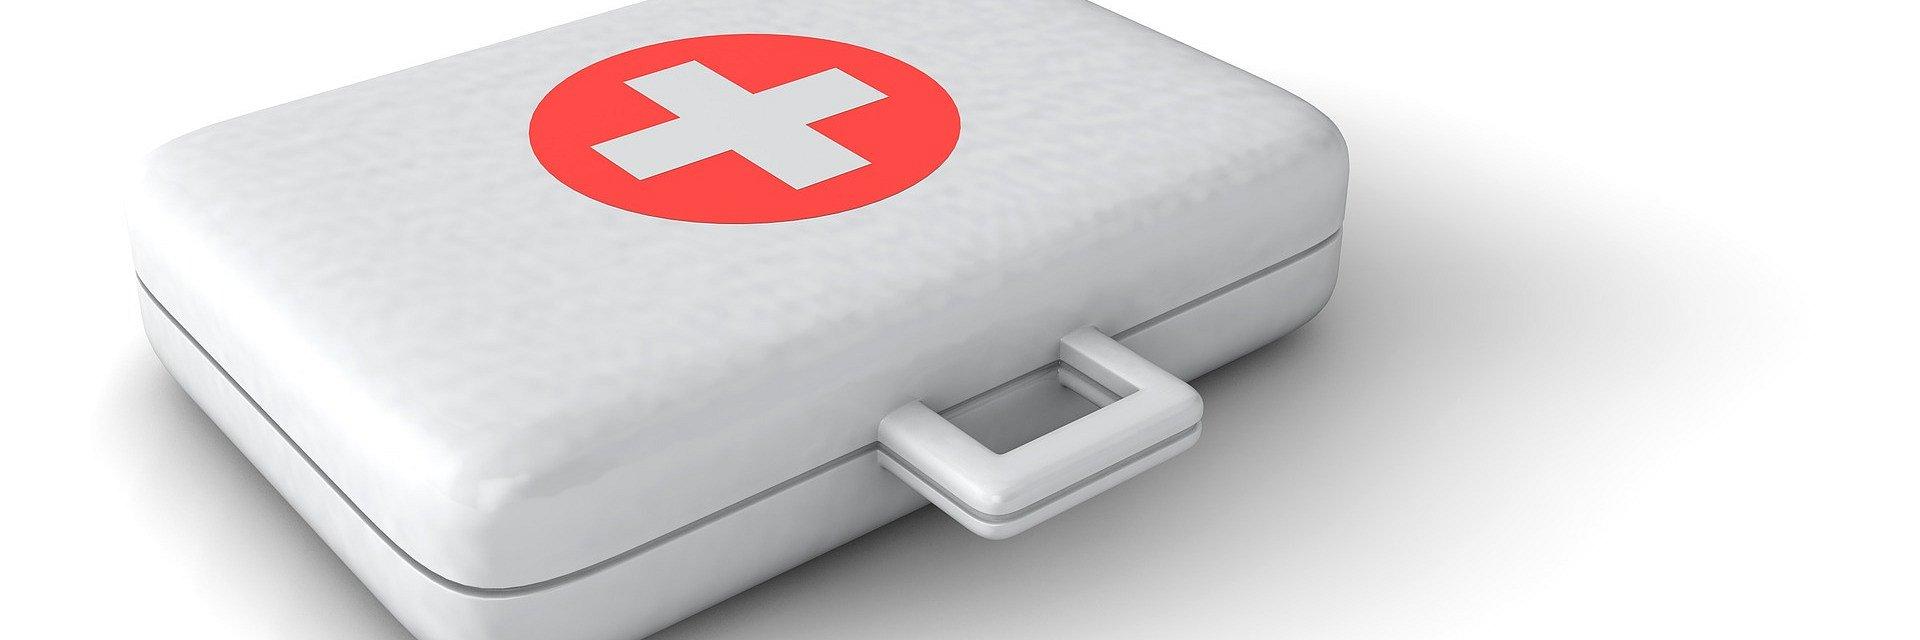 Wyroby medyczne pod kontrolą